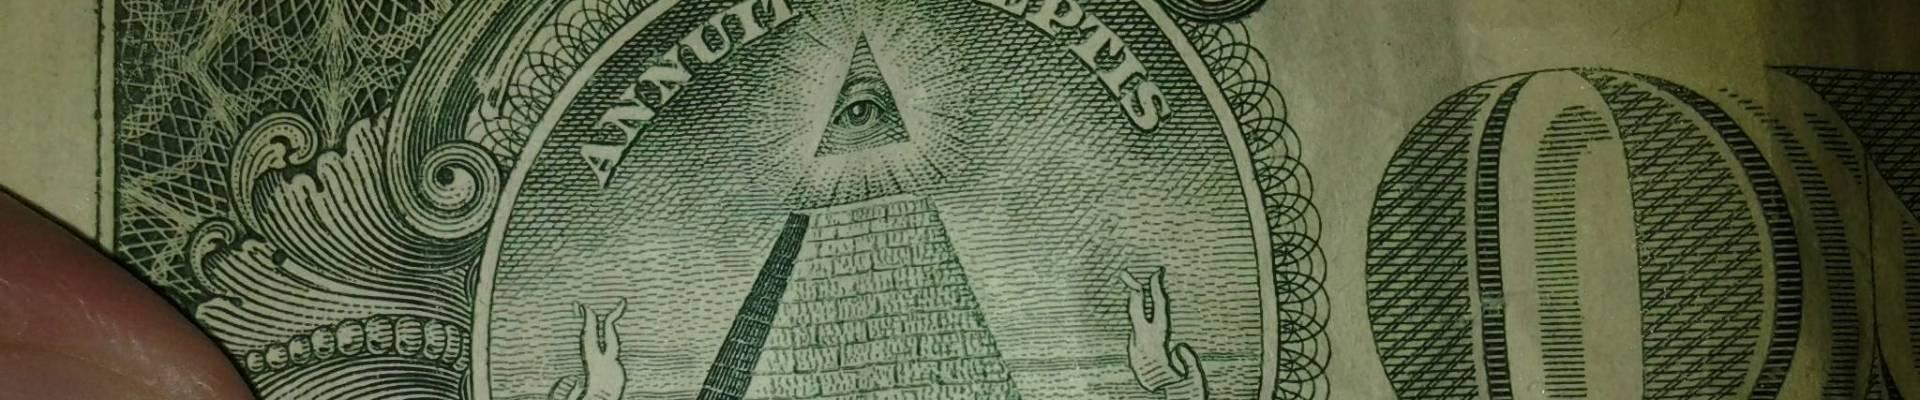 הסוד של דאעש, נפילת ישמעאל ואדום, הסדר העולמי החדש, World's MAFIA vs MASHIACH ben David — a must 4 all Jews